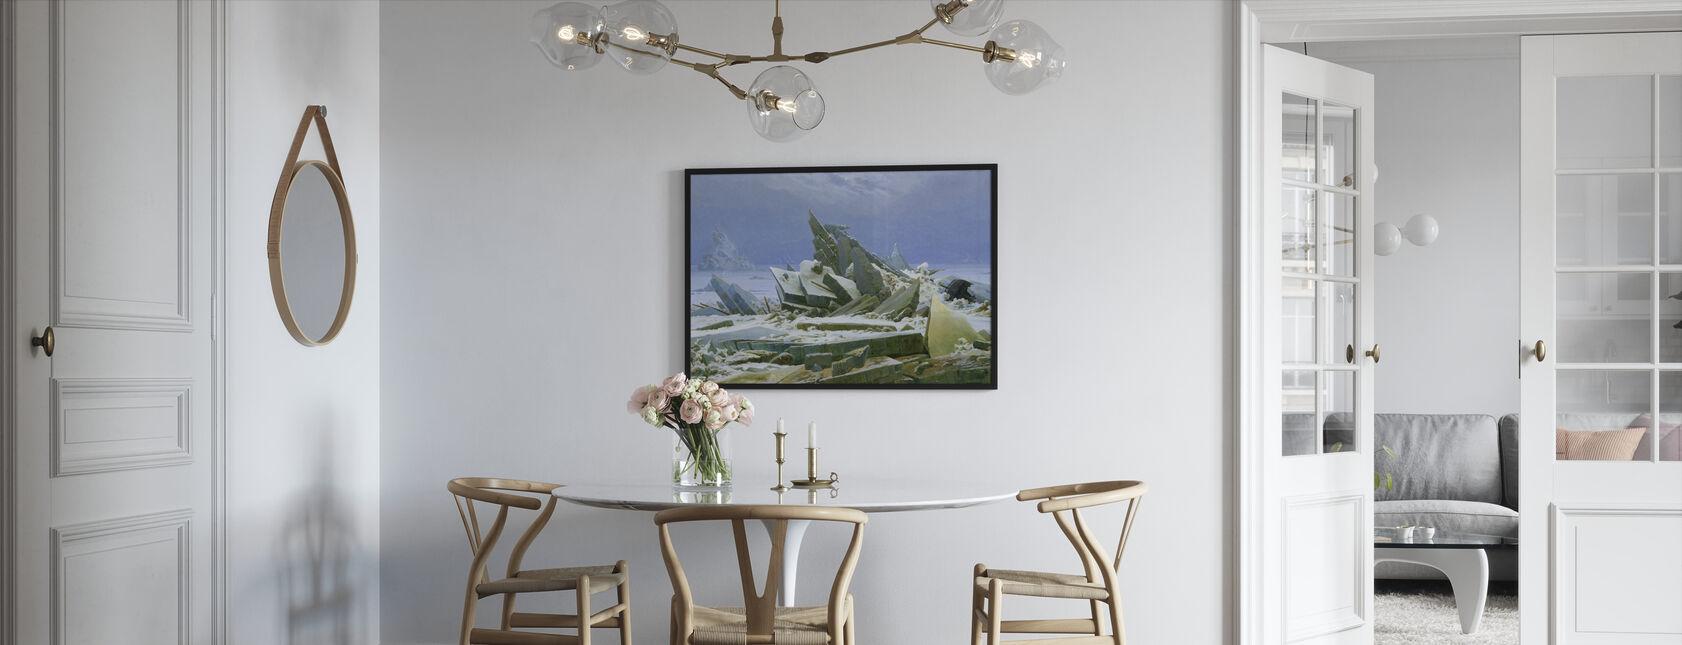 Polaire Zee - Caspar Friedrich - Ingelijste print - Keuken